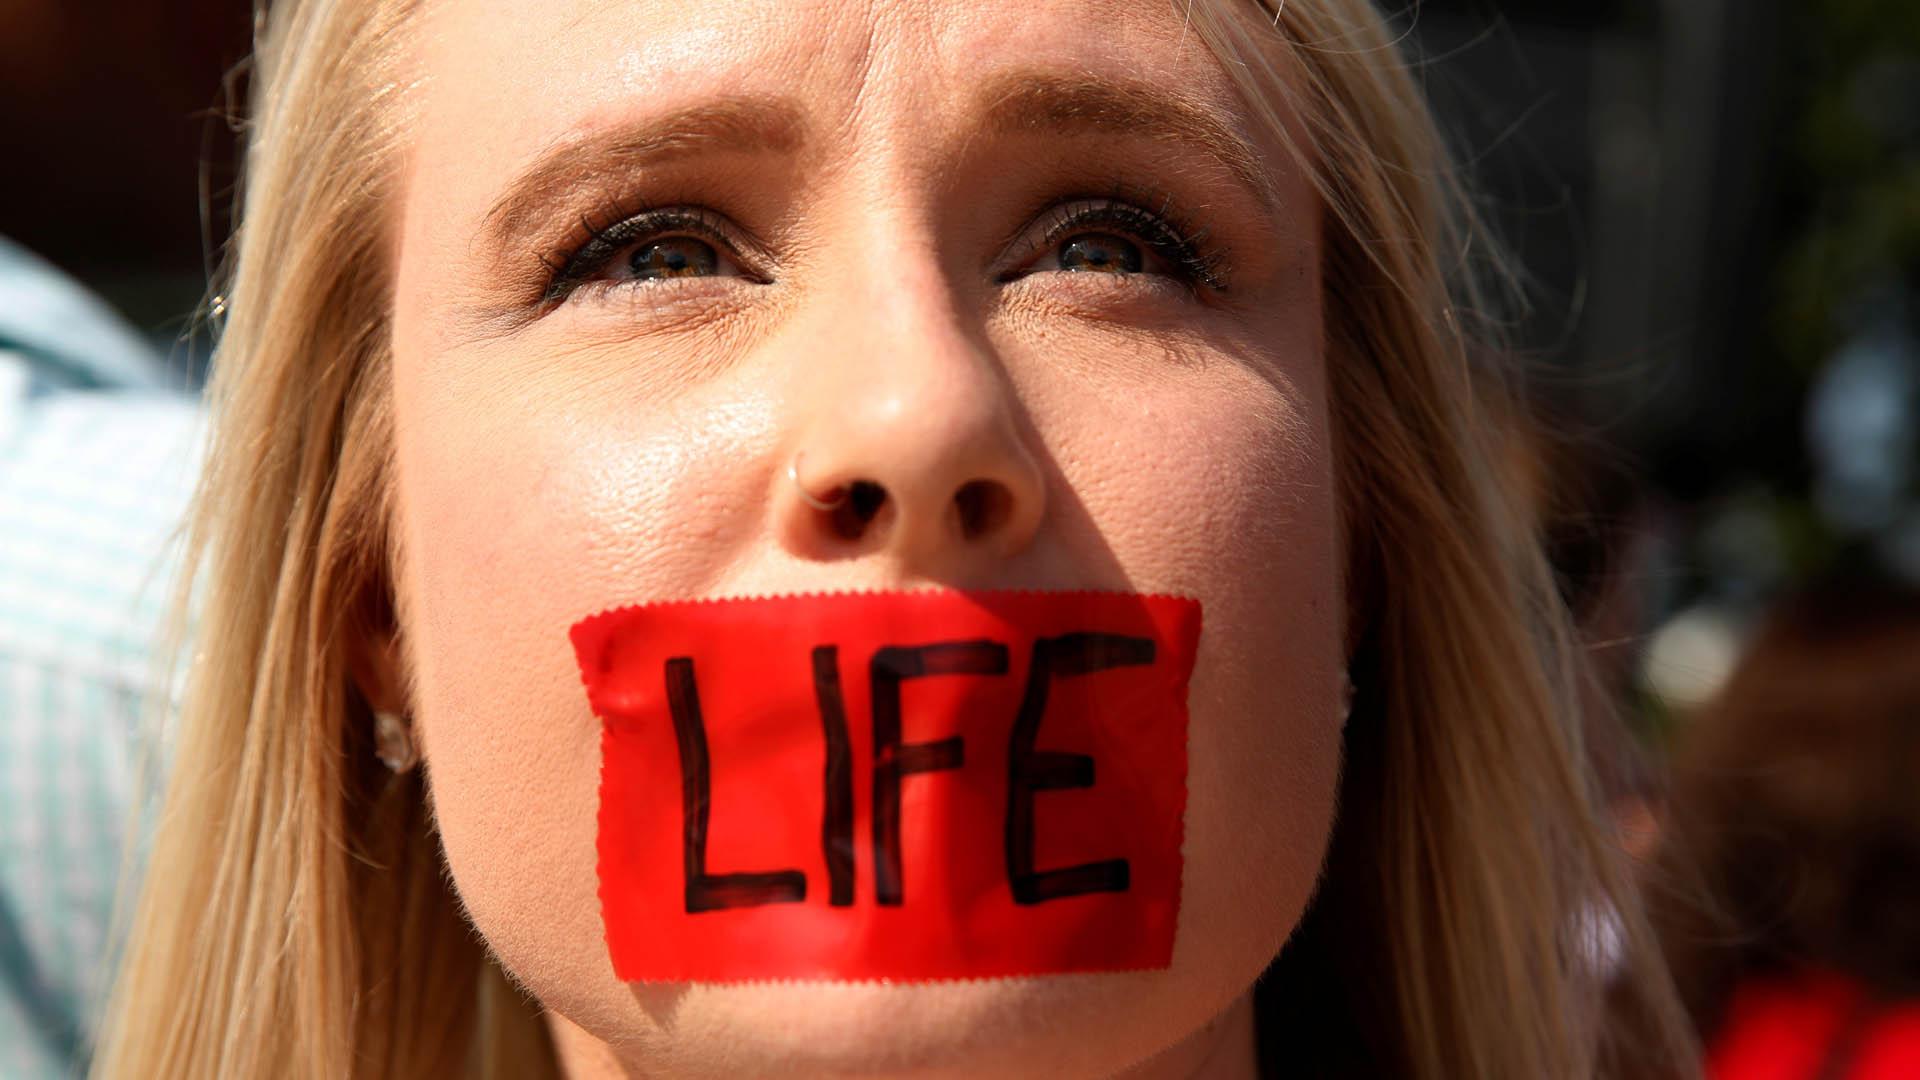 EEUU rescata centros anti-aborto con fondos para la pandemia